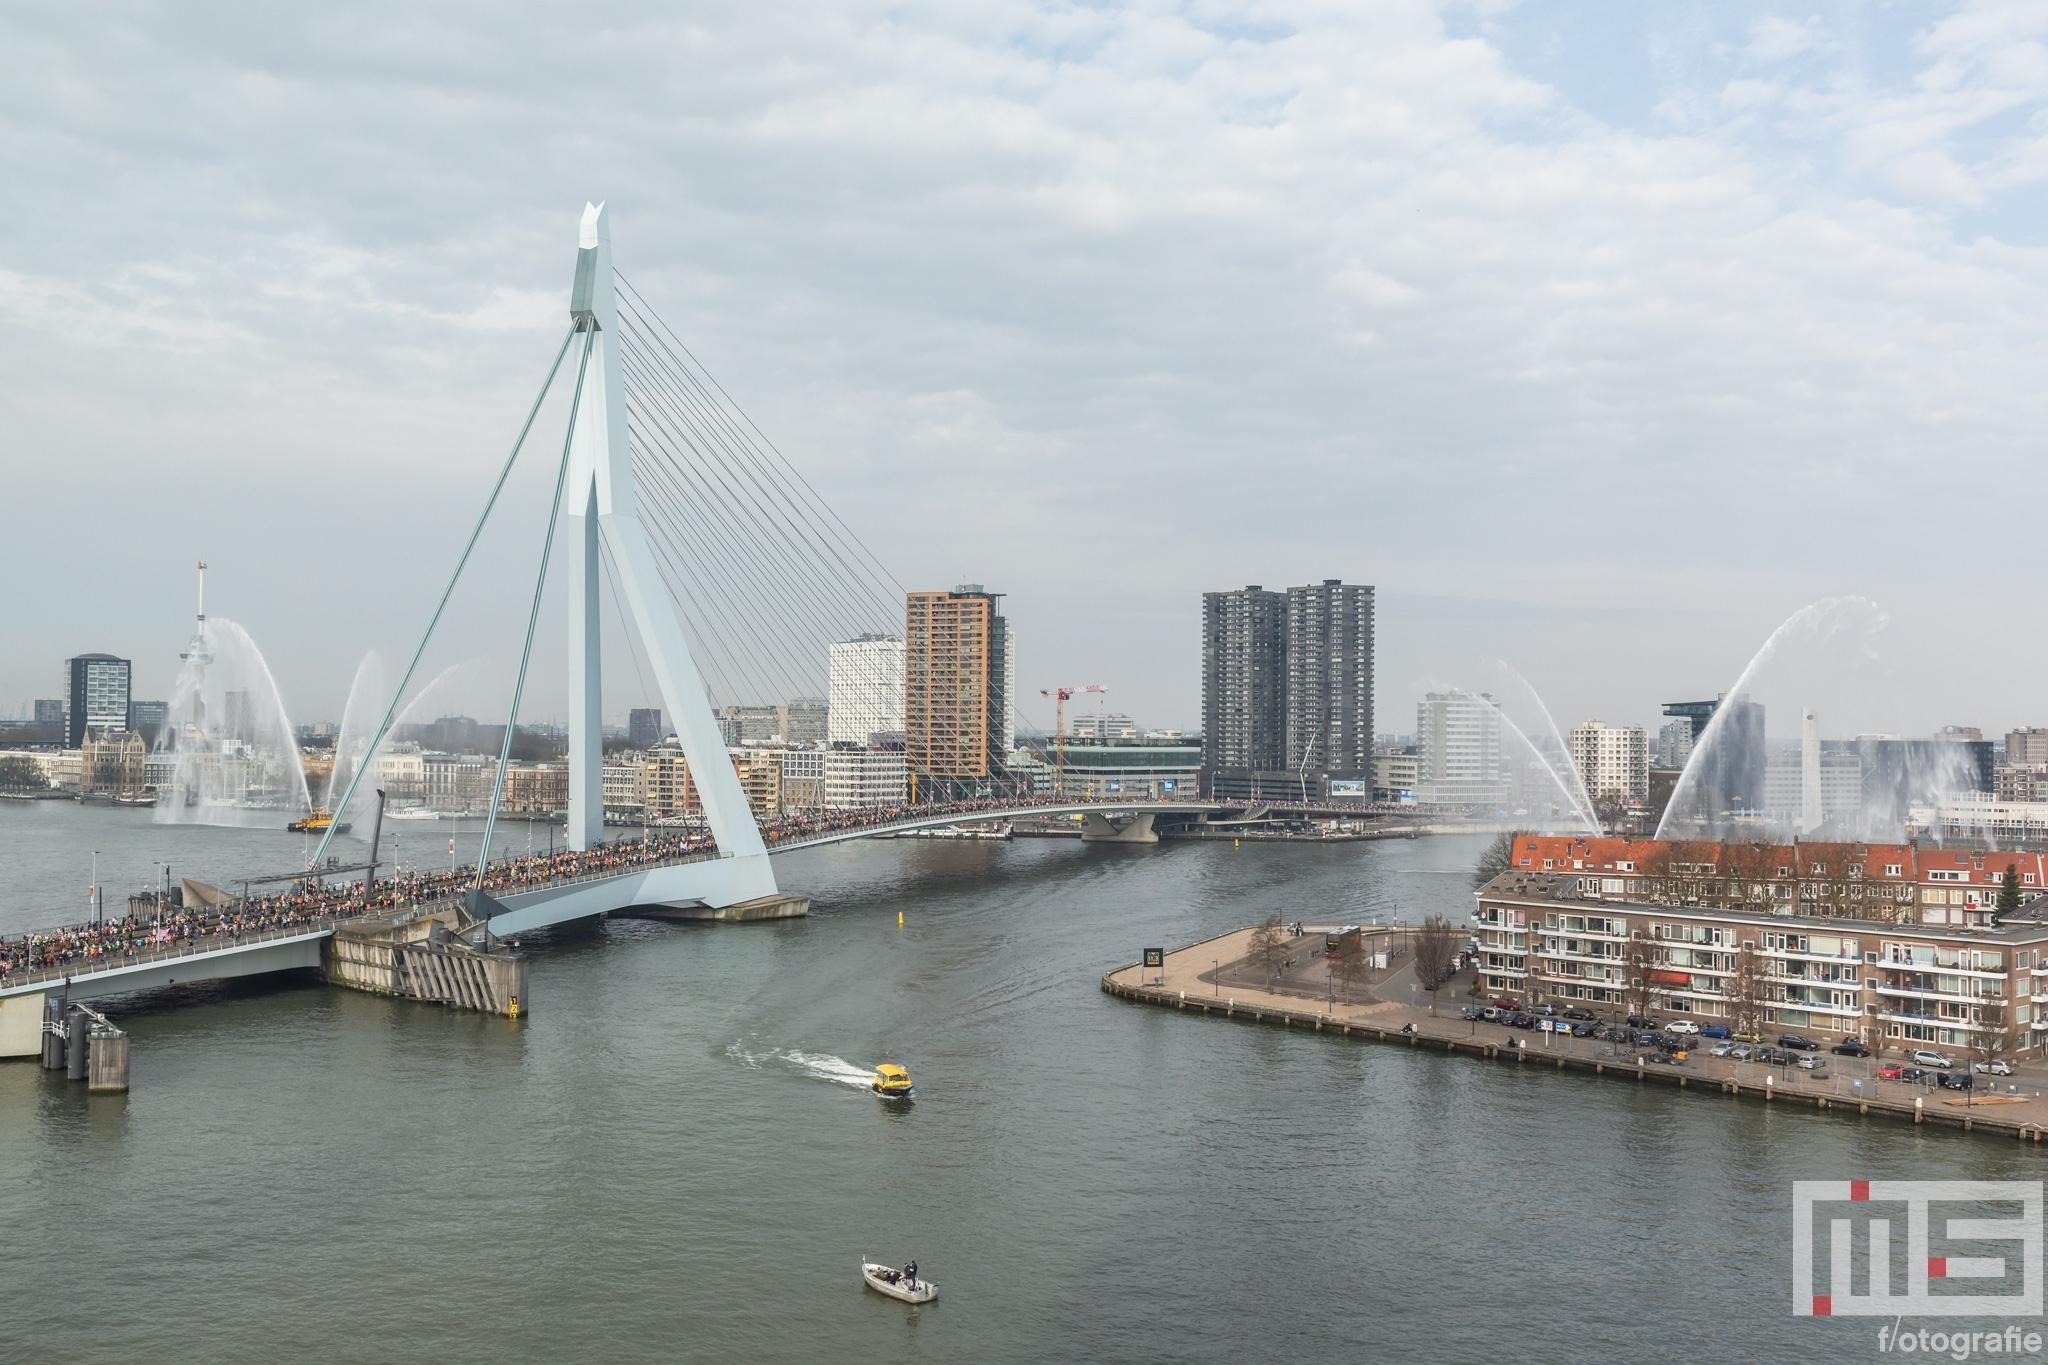 De start van de NN Marathon Rotterdam aan de voet van de Erasmusbrug in Rotterdam